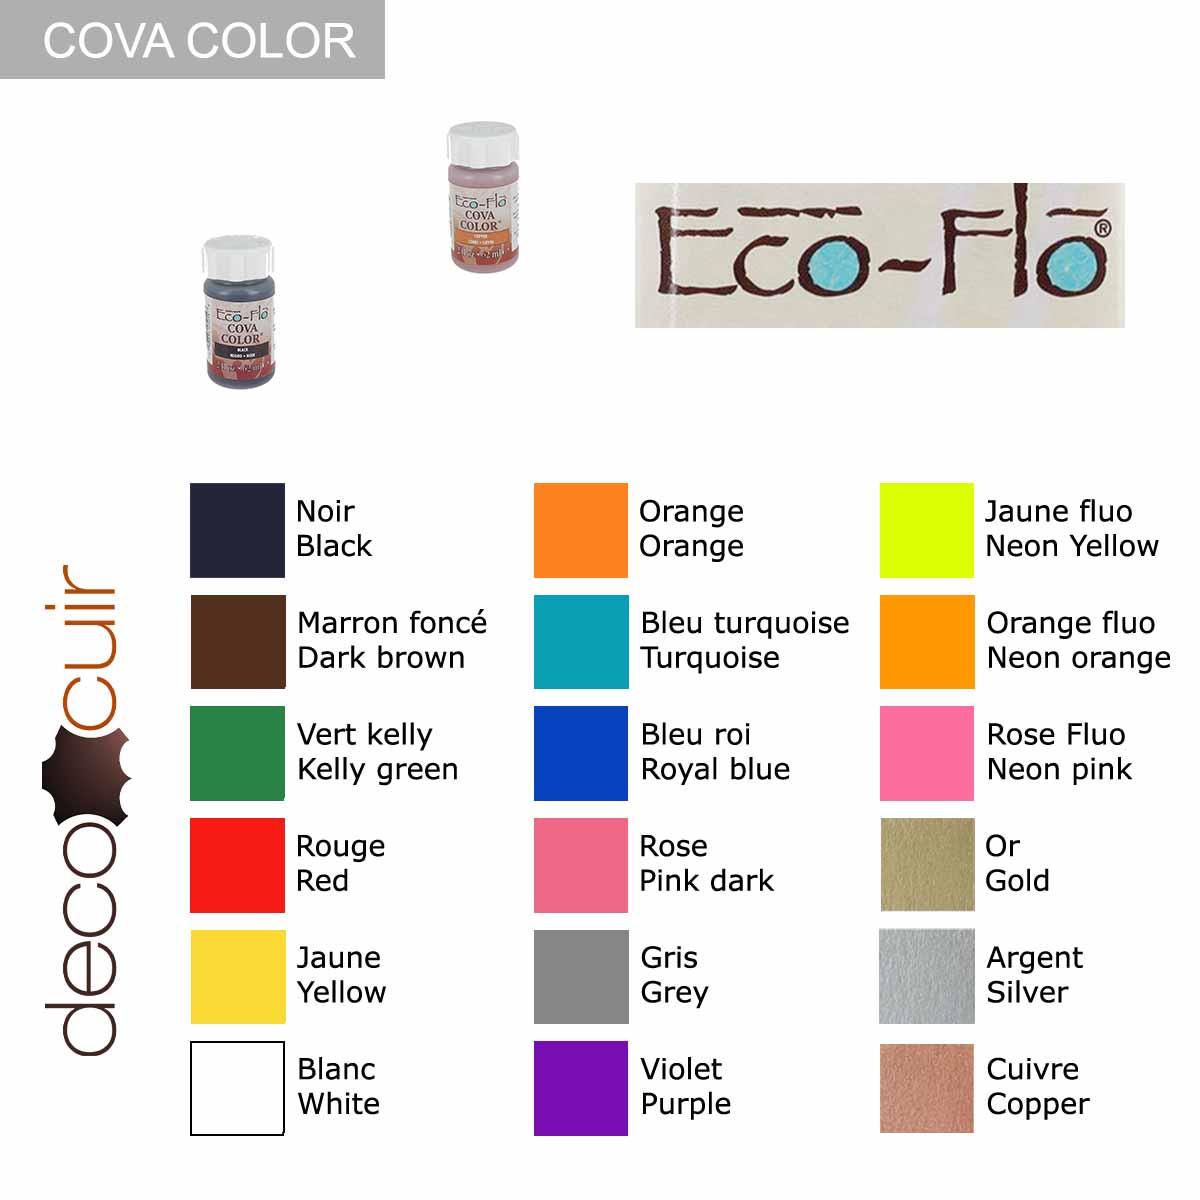 Peinture opaque à base d'eau - NOIR - Cova Color Eco Flo n°1